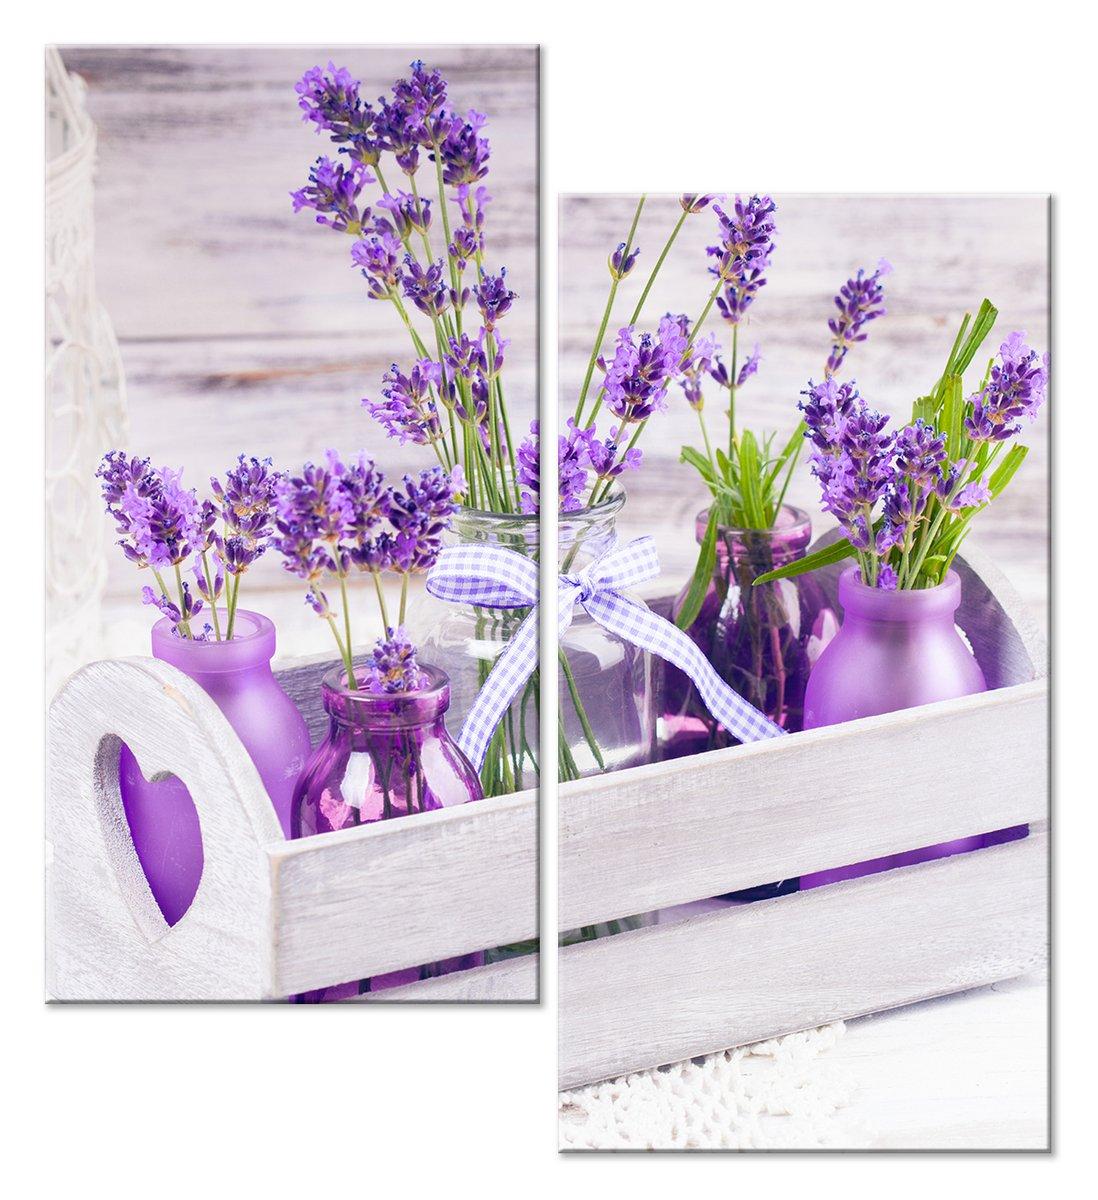 Модульная картина «Фиолетовая композиция»Цветы<br>Модульная картина на натуральном холсте и деревянном подрамнике. Подвес в комплекте. Трехслойная надежная упаковка. Доставим в любую точку России. Вам осталось только повесить картину на стену!<br>